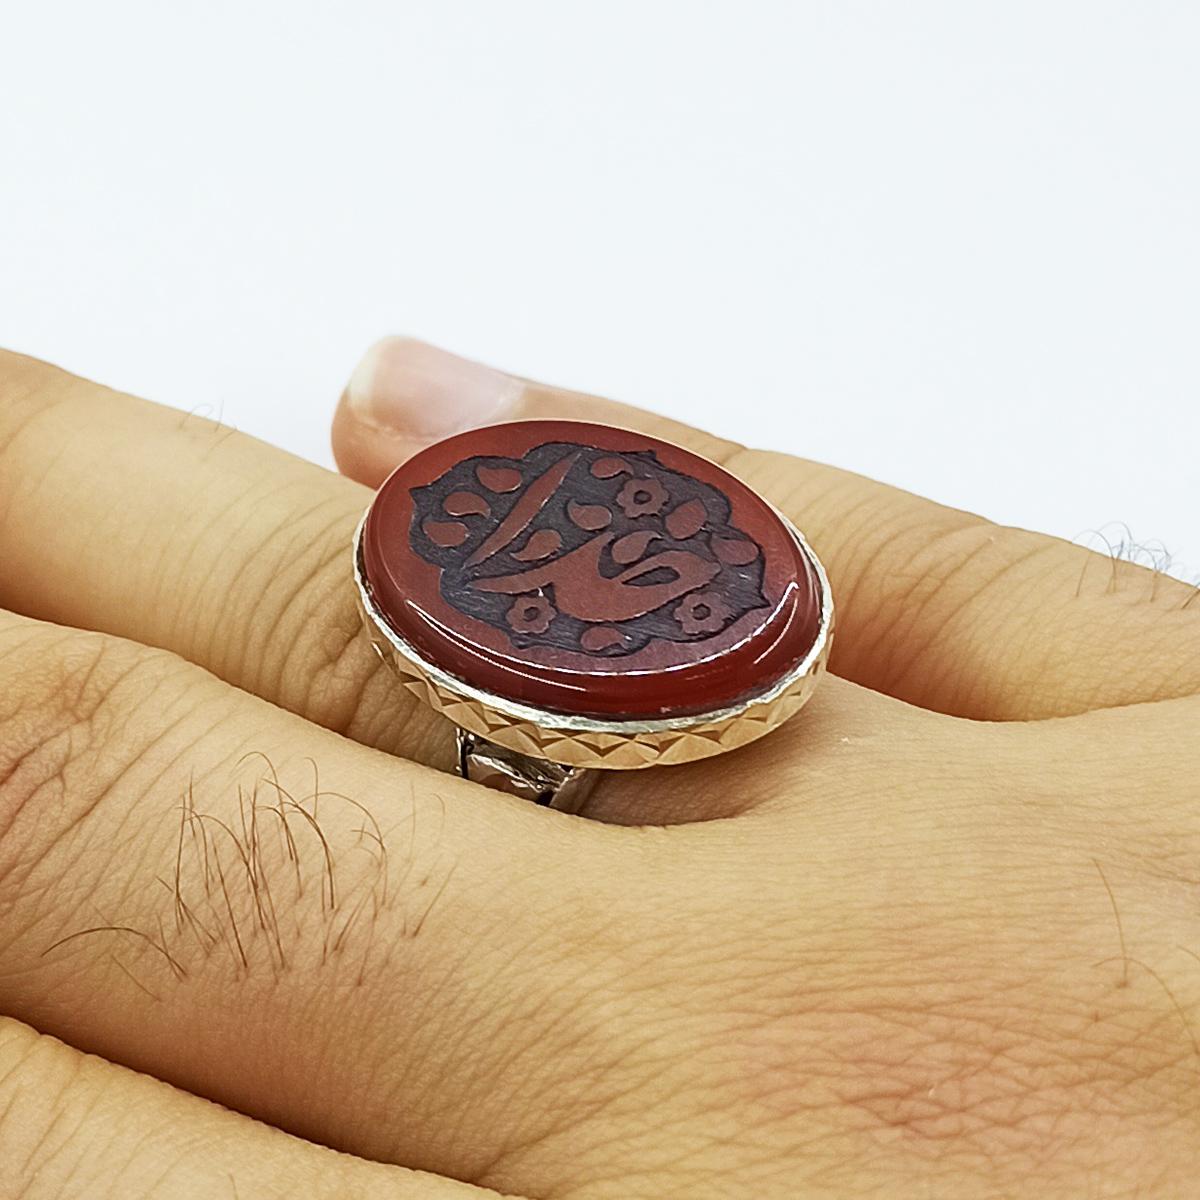 انگشتر نقره مردانه سلین کالا مدل عقیق کد ce-As151